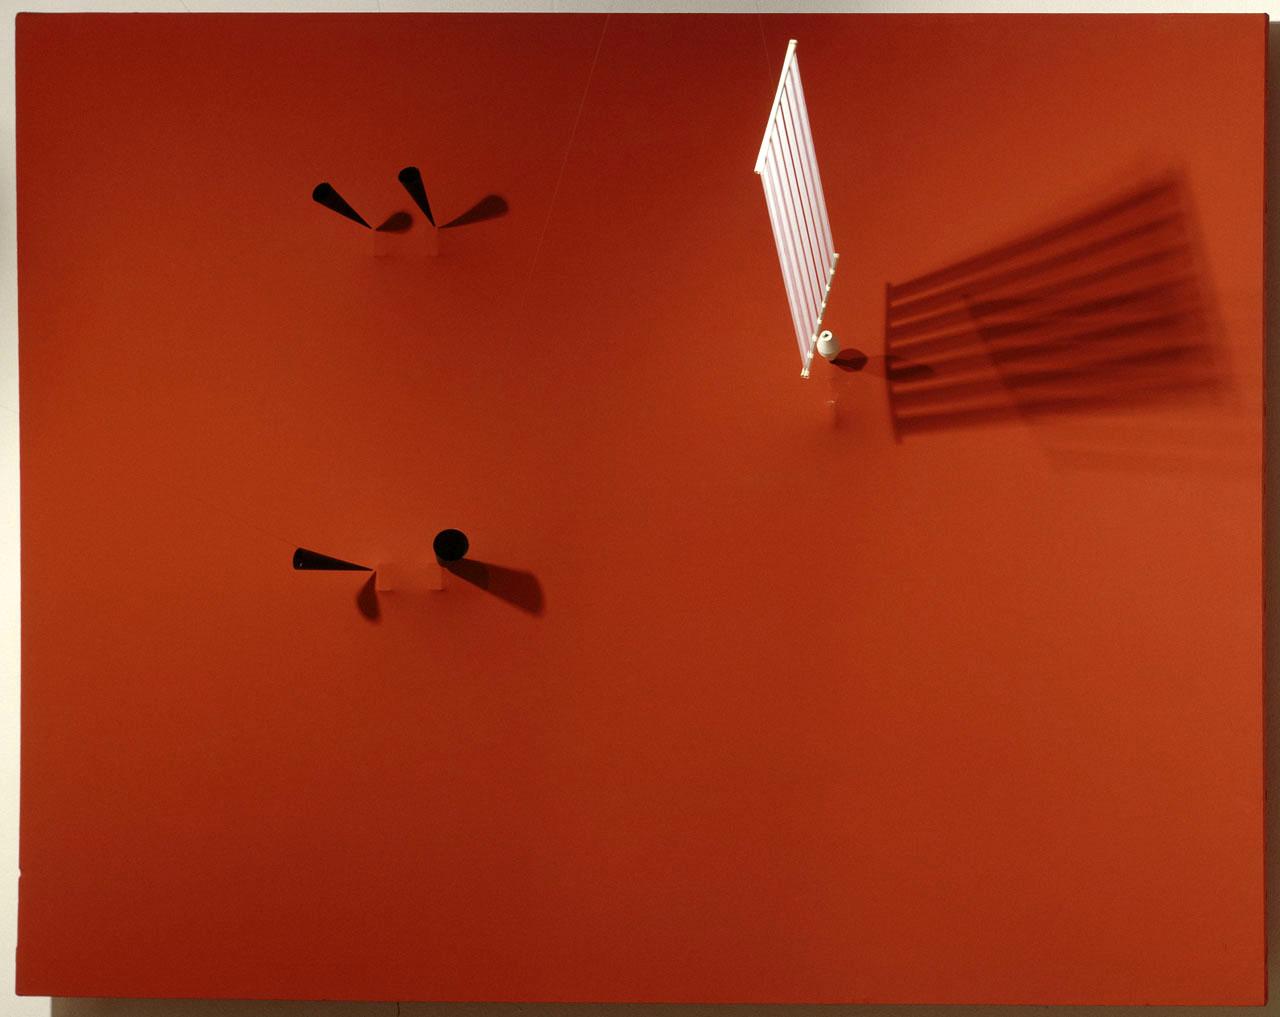 Mur magnétique n°9 (Rouge)